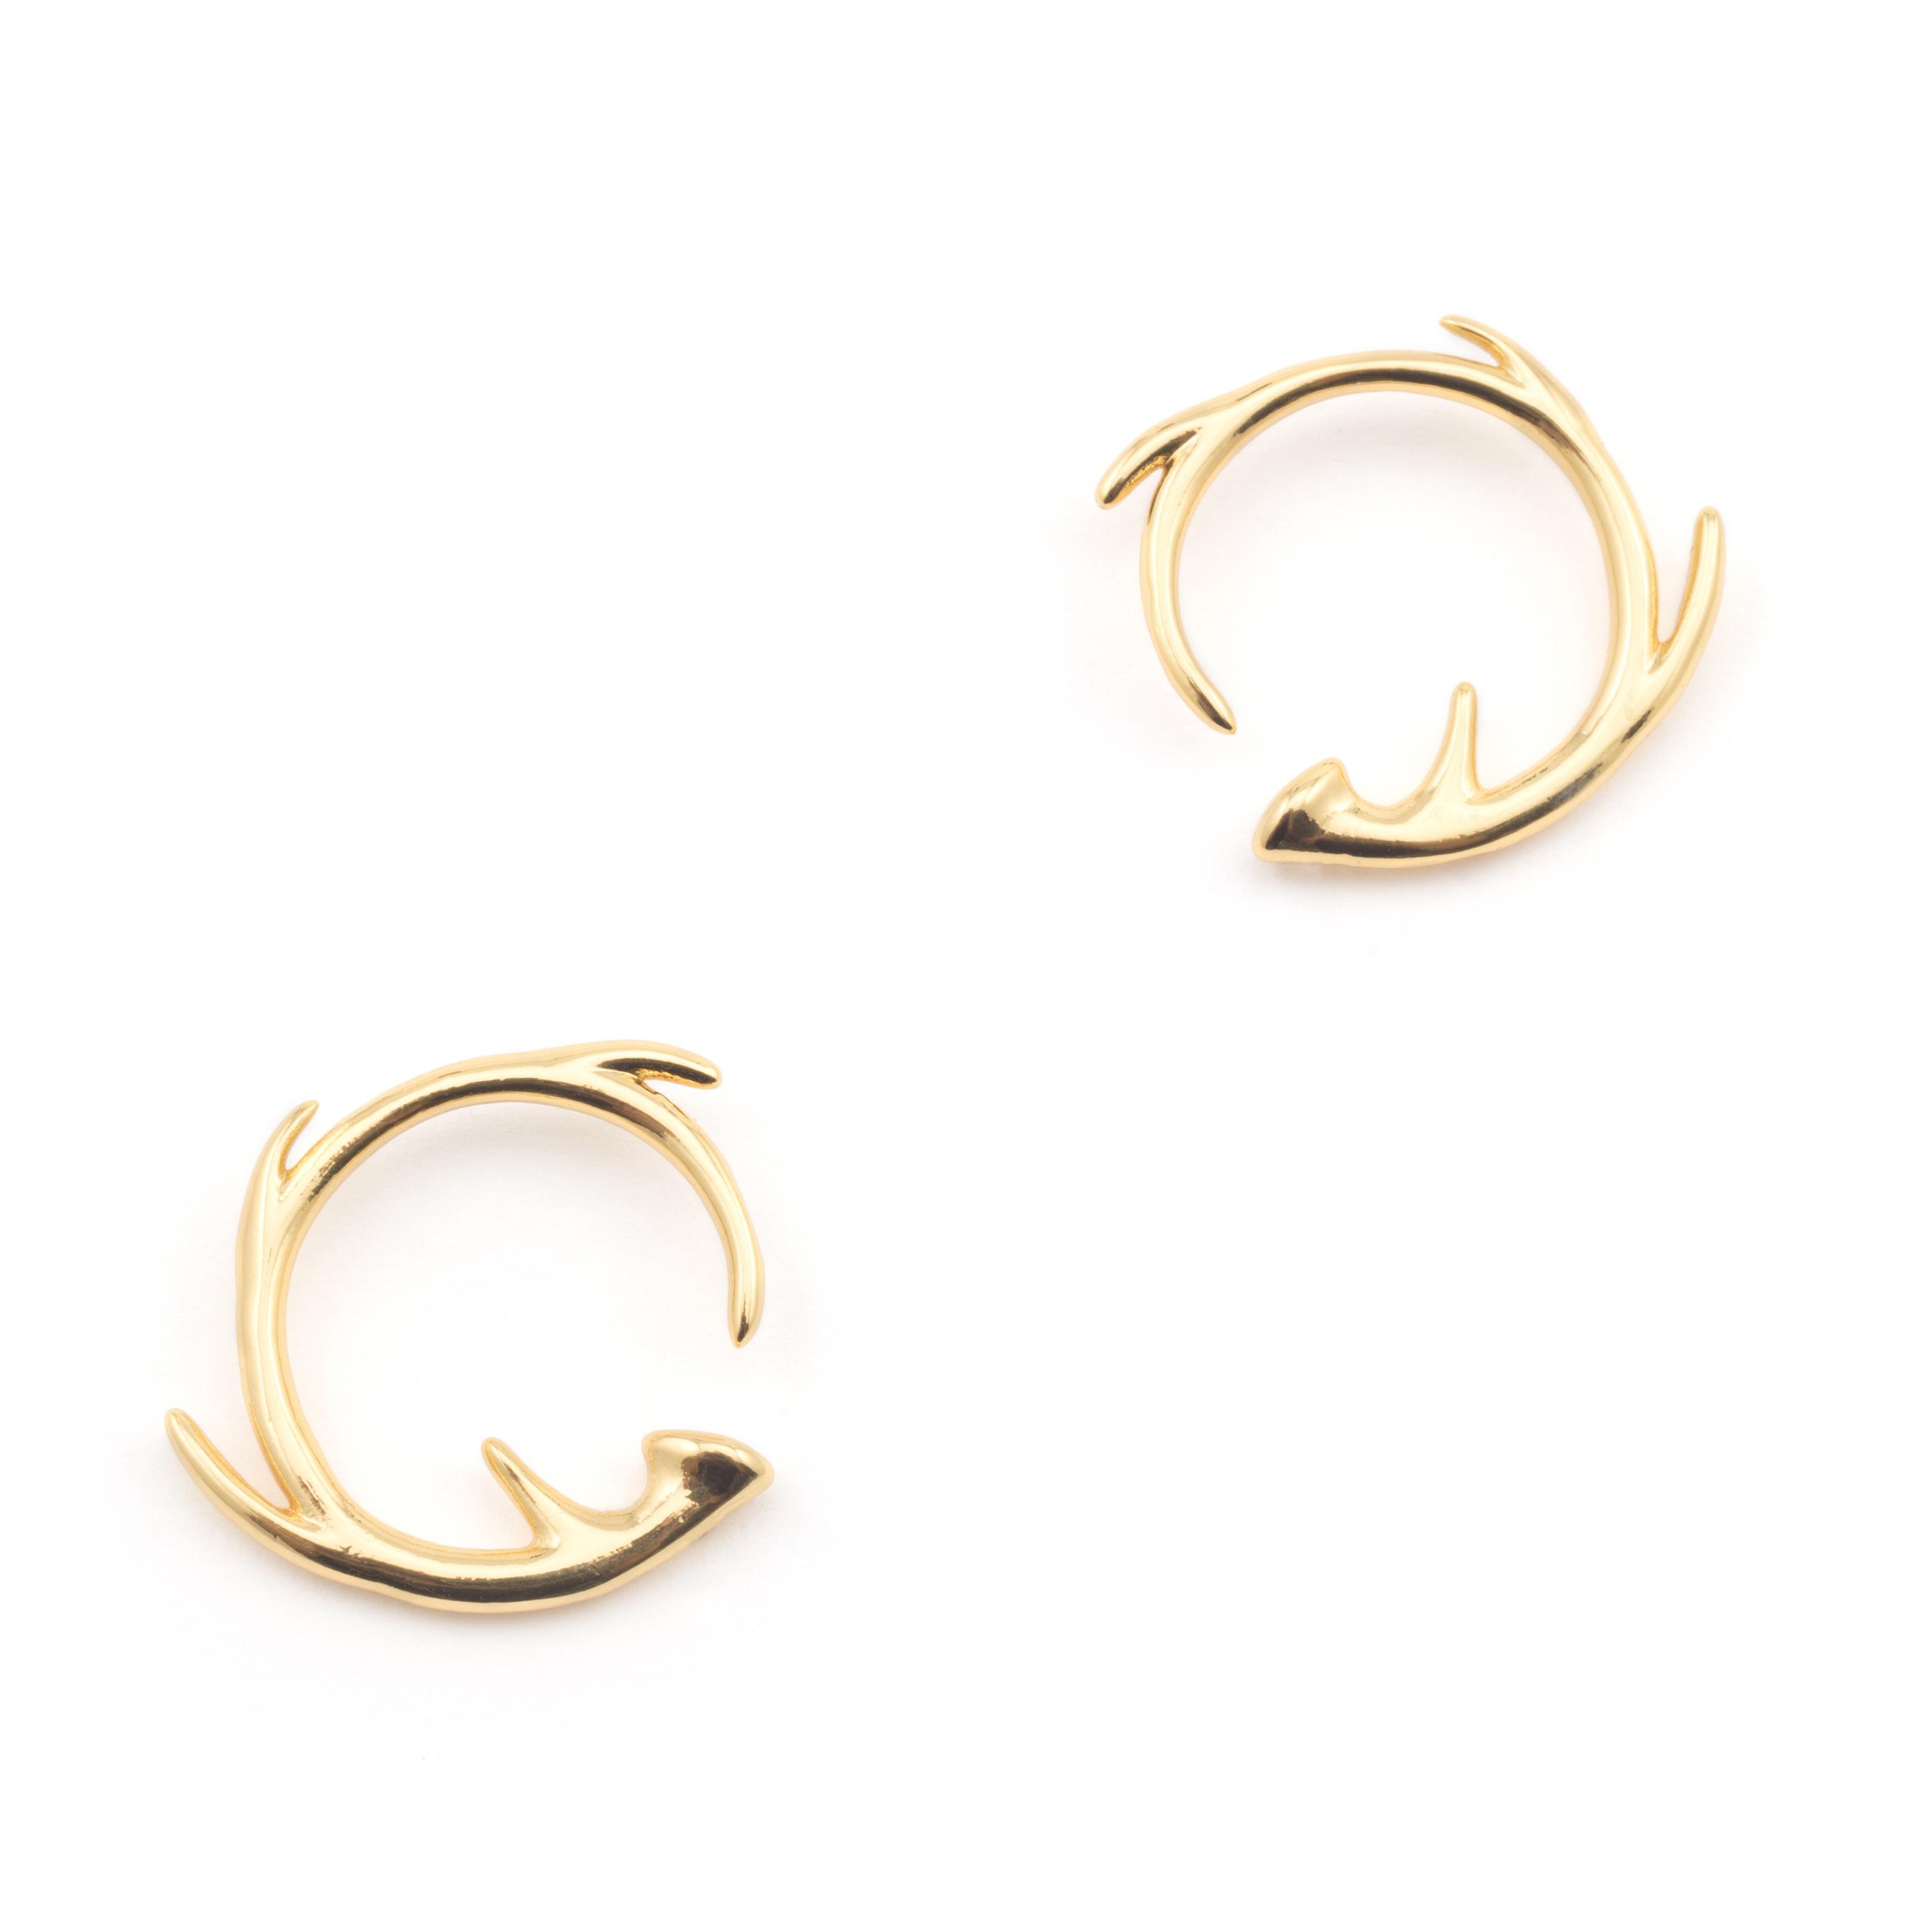 Antler circle earrings